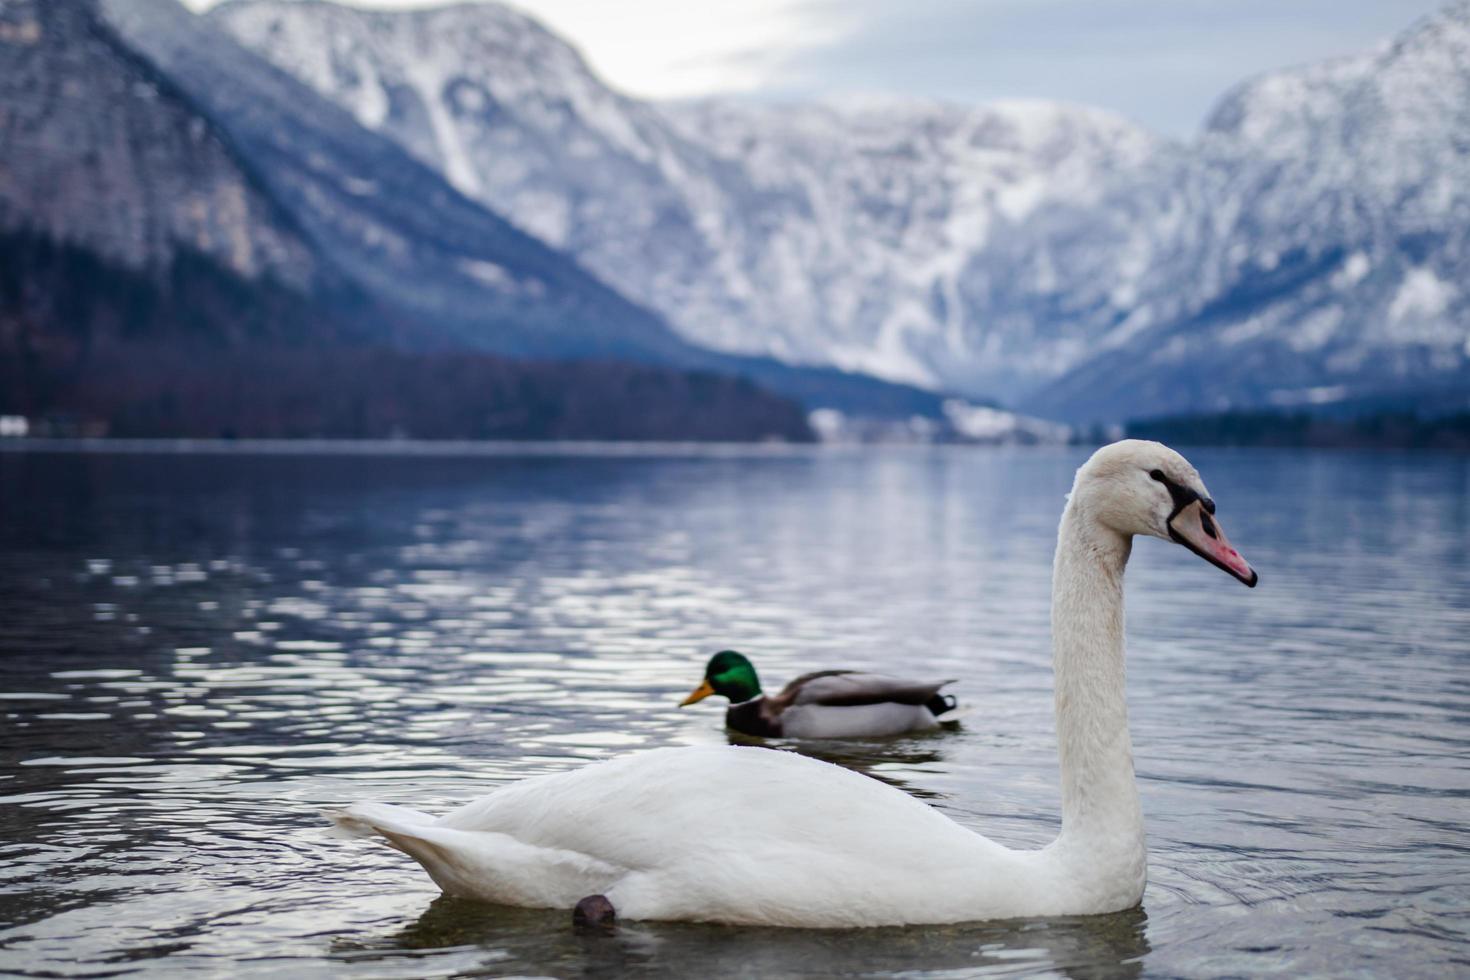 cygne blanc sur le lac photo